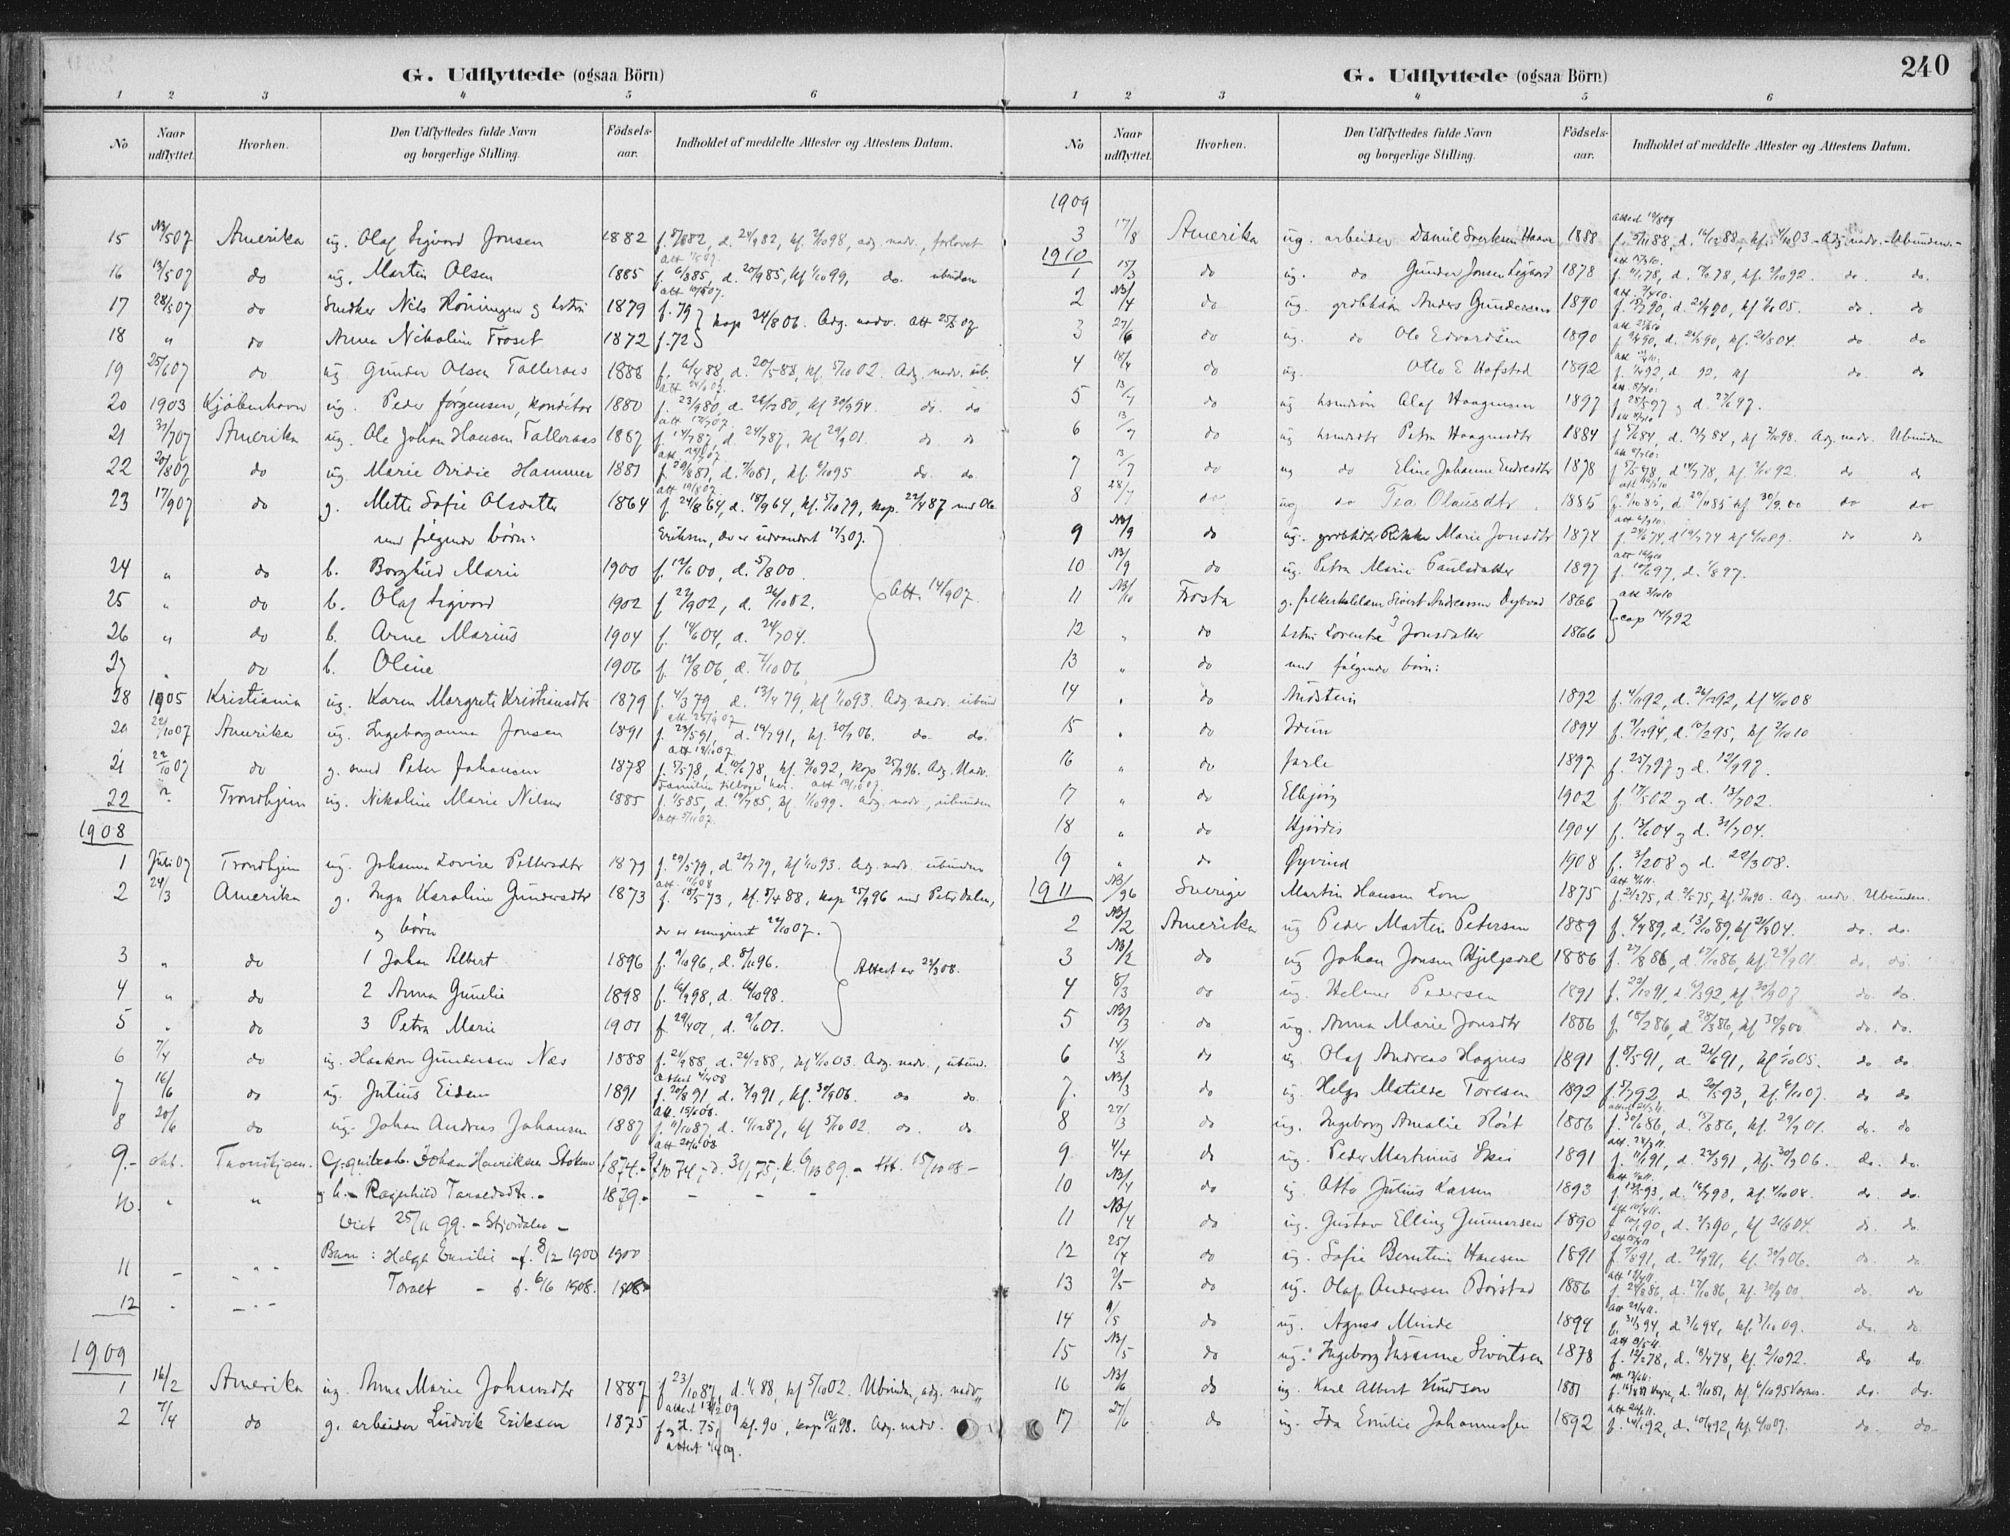 SAT, Ministerialprotokoller, klokkerbøker og fødselsregistre - Nord-Trøndelag, 709/L0082: Ministerialbok nr. 709A22, 1896-1916, s. 240